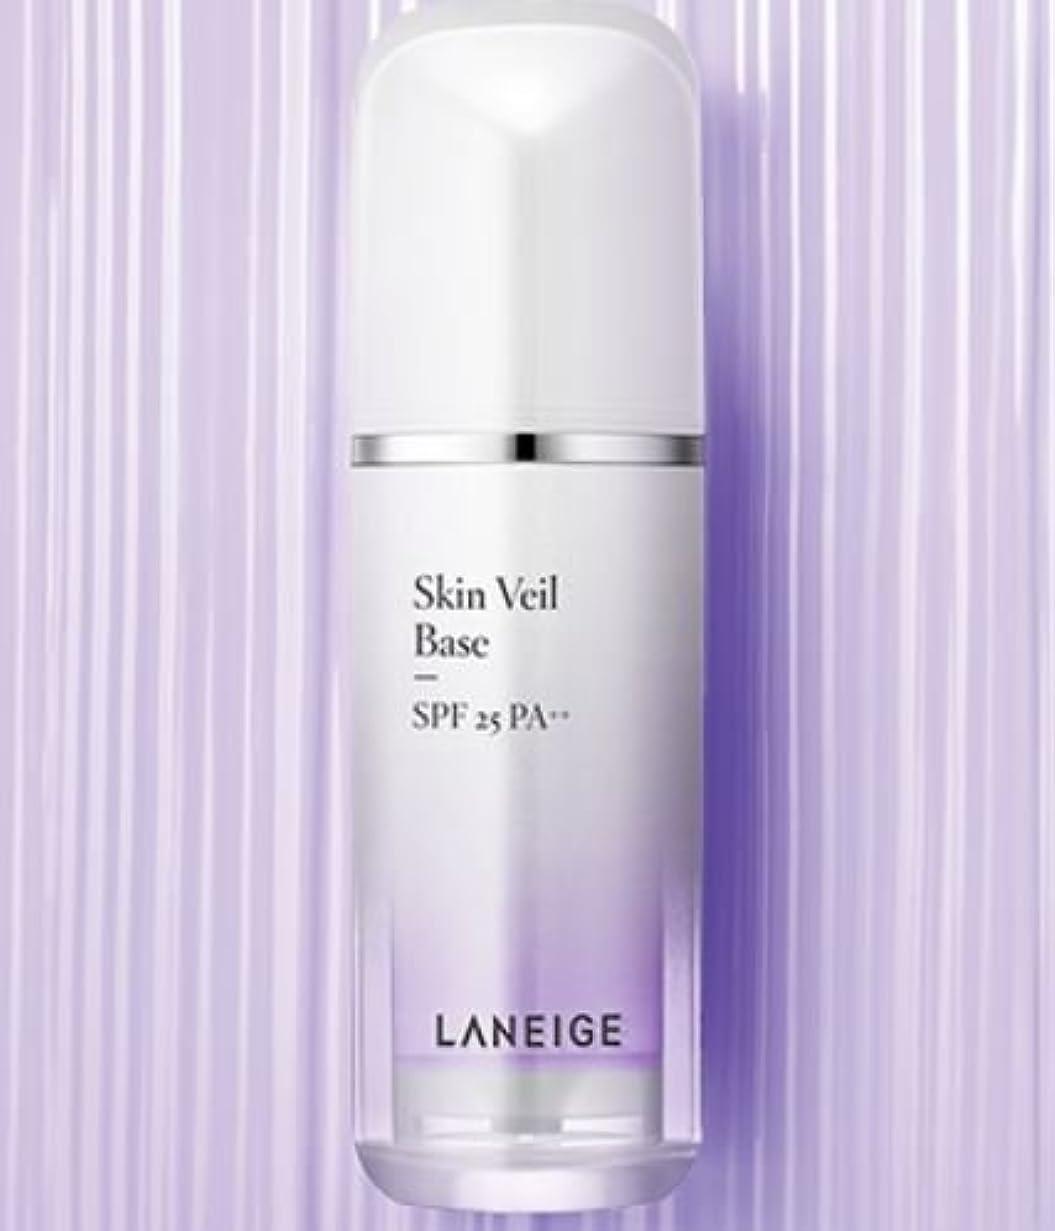 グローバルラウズ連隊[LANEIGE] Skin Veil Base SPF25 PA++ 30ml/[ラネージュ]スキンベールベース SPF25 PA++ 30ml (# 40 Pure Violet/ピュアバイオレット) [並行輸入品]